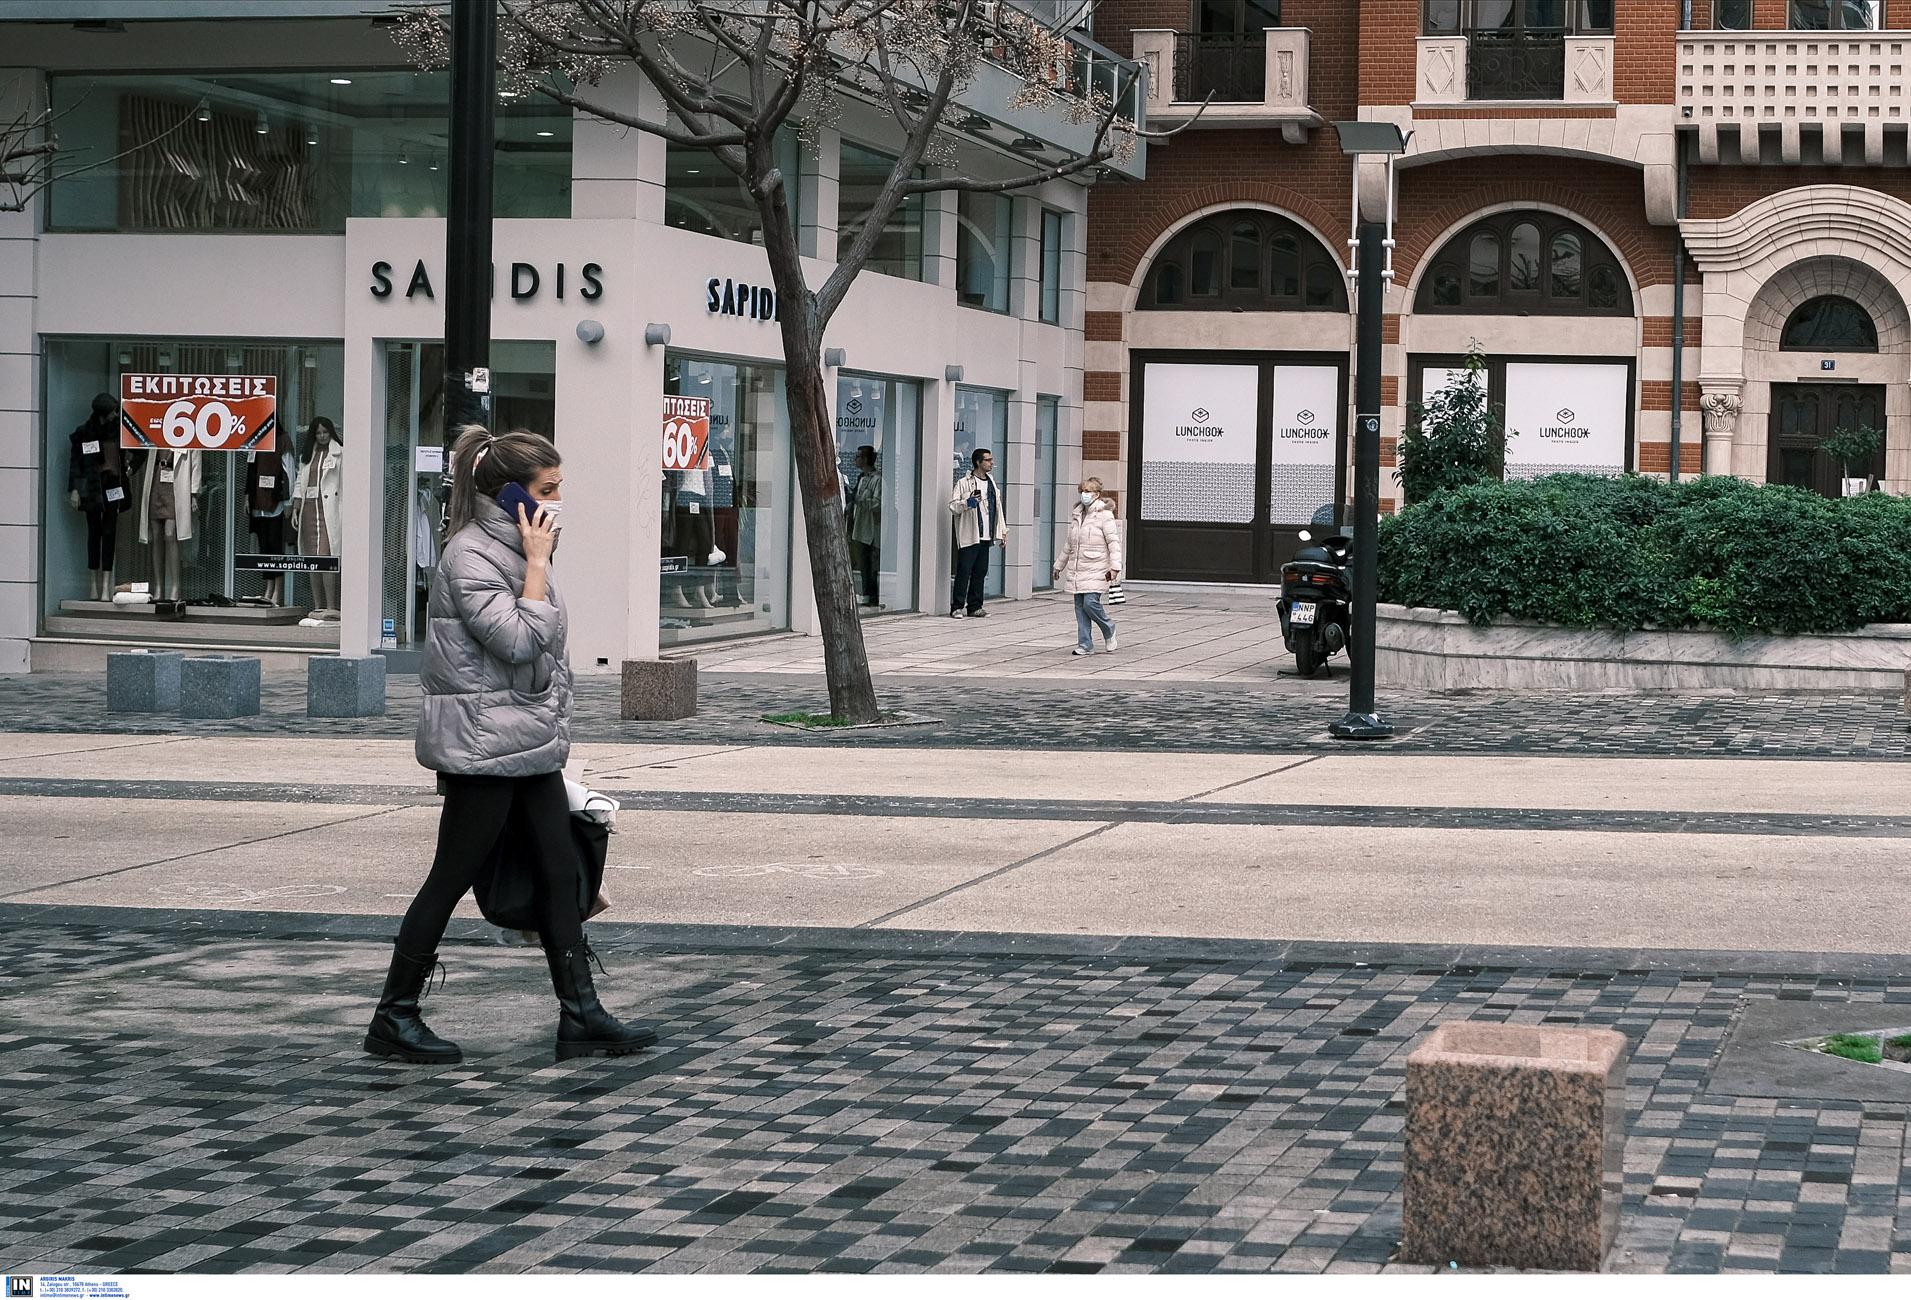 Θεσσαλονίκη: Το 84% των επιχειρήσεων χτυπήθηκε από τον κορονοϊό σύμφωνα με έρευνα της ΕΒΕΘ